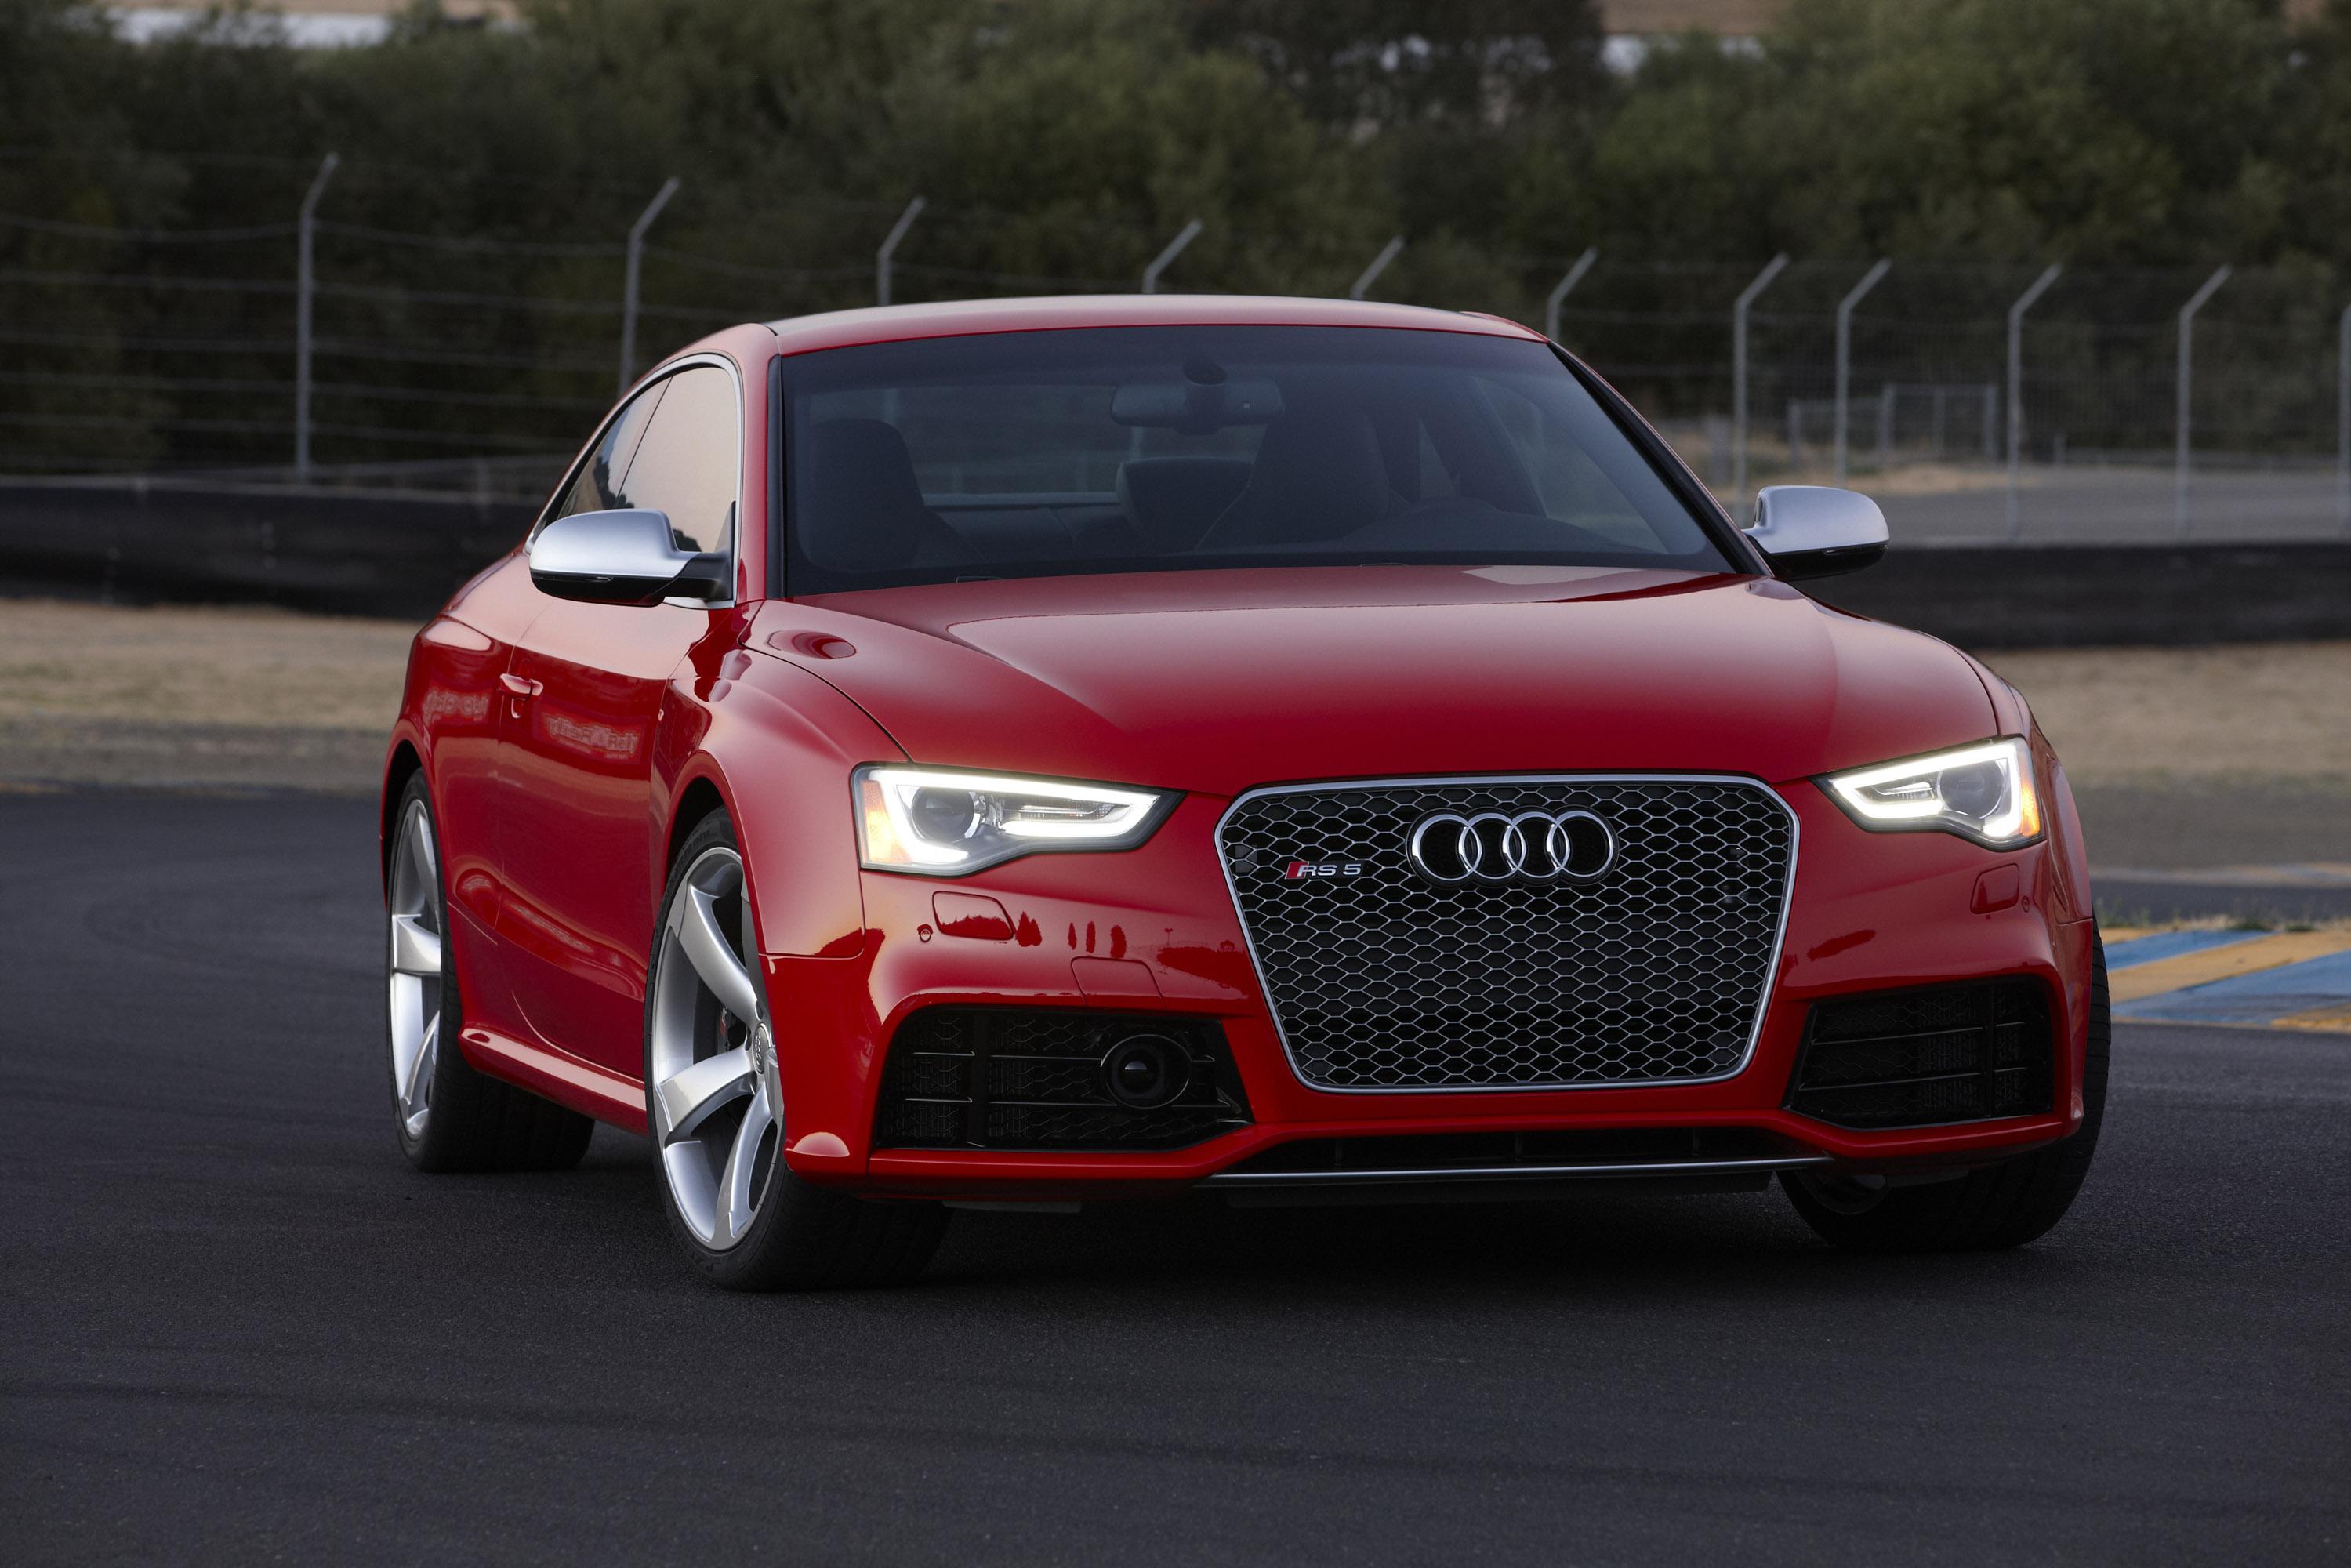 Audi RS5 photo #1